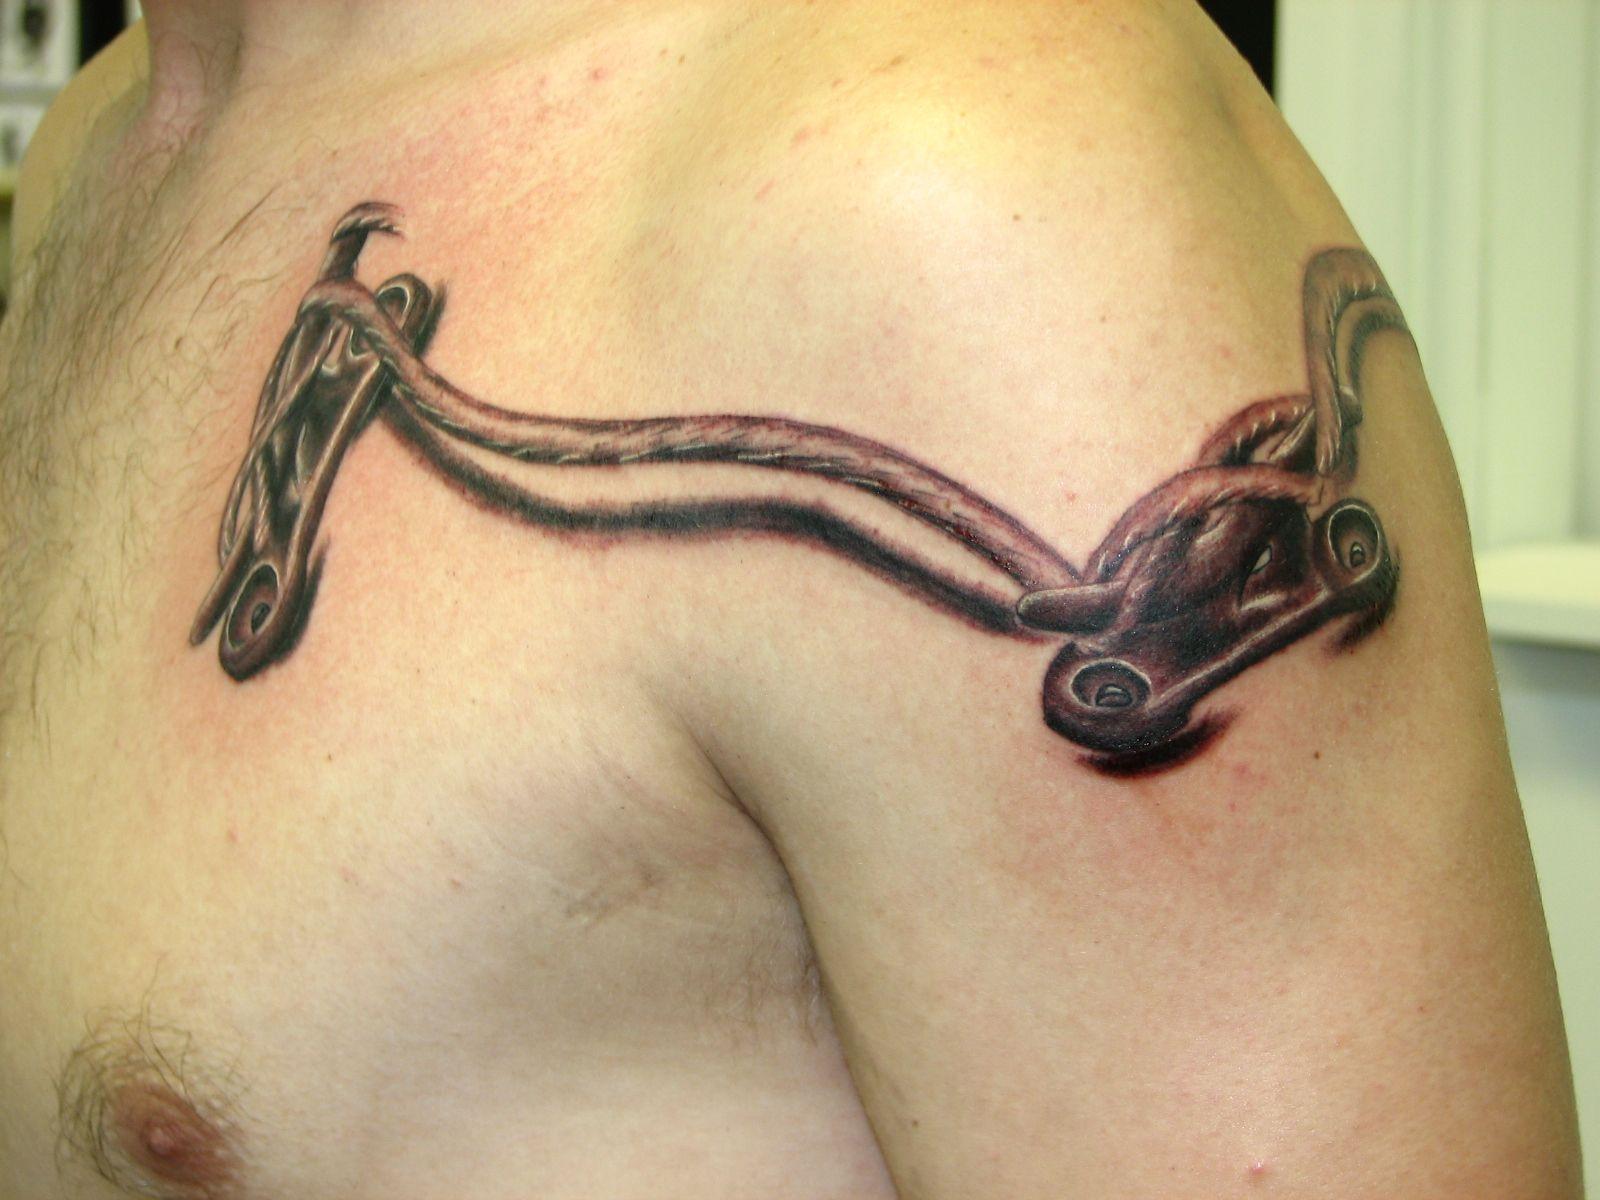 Hook tattoo designs - Unique 3d Tattoo Design 3d Tattoo Boat Cleat Dtattoos